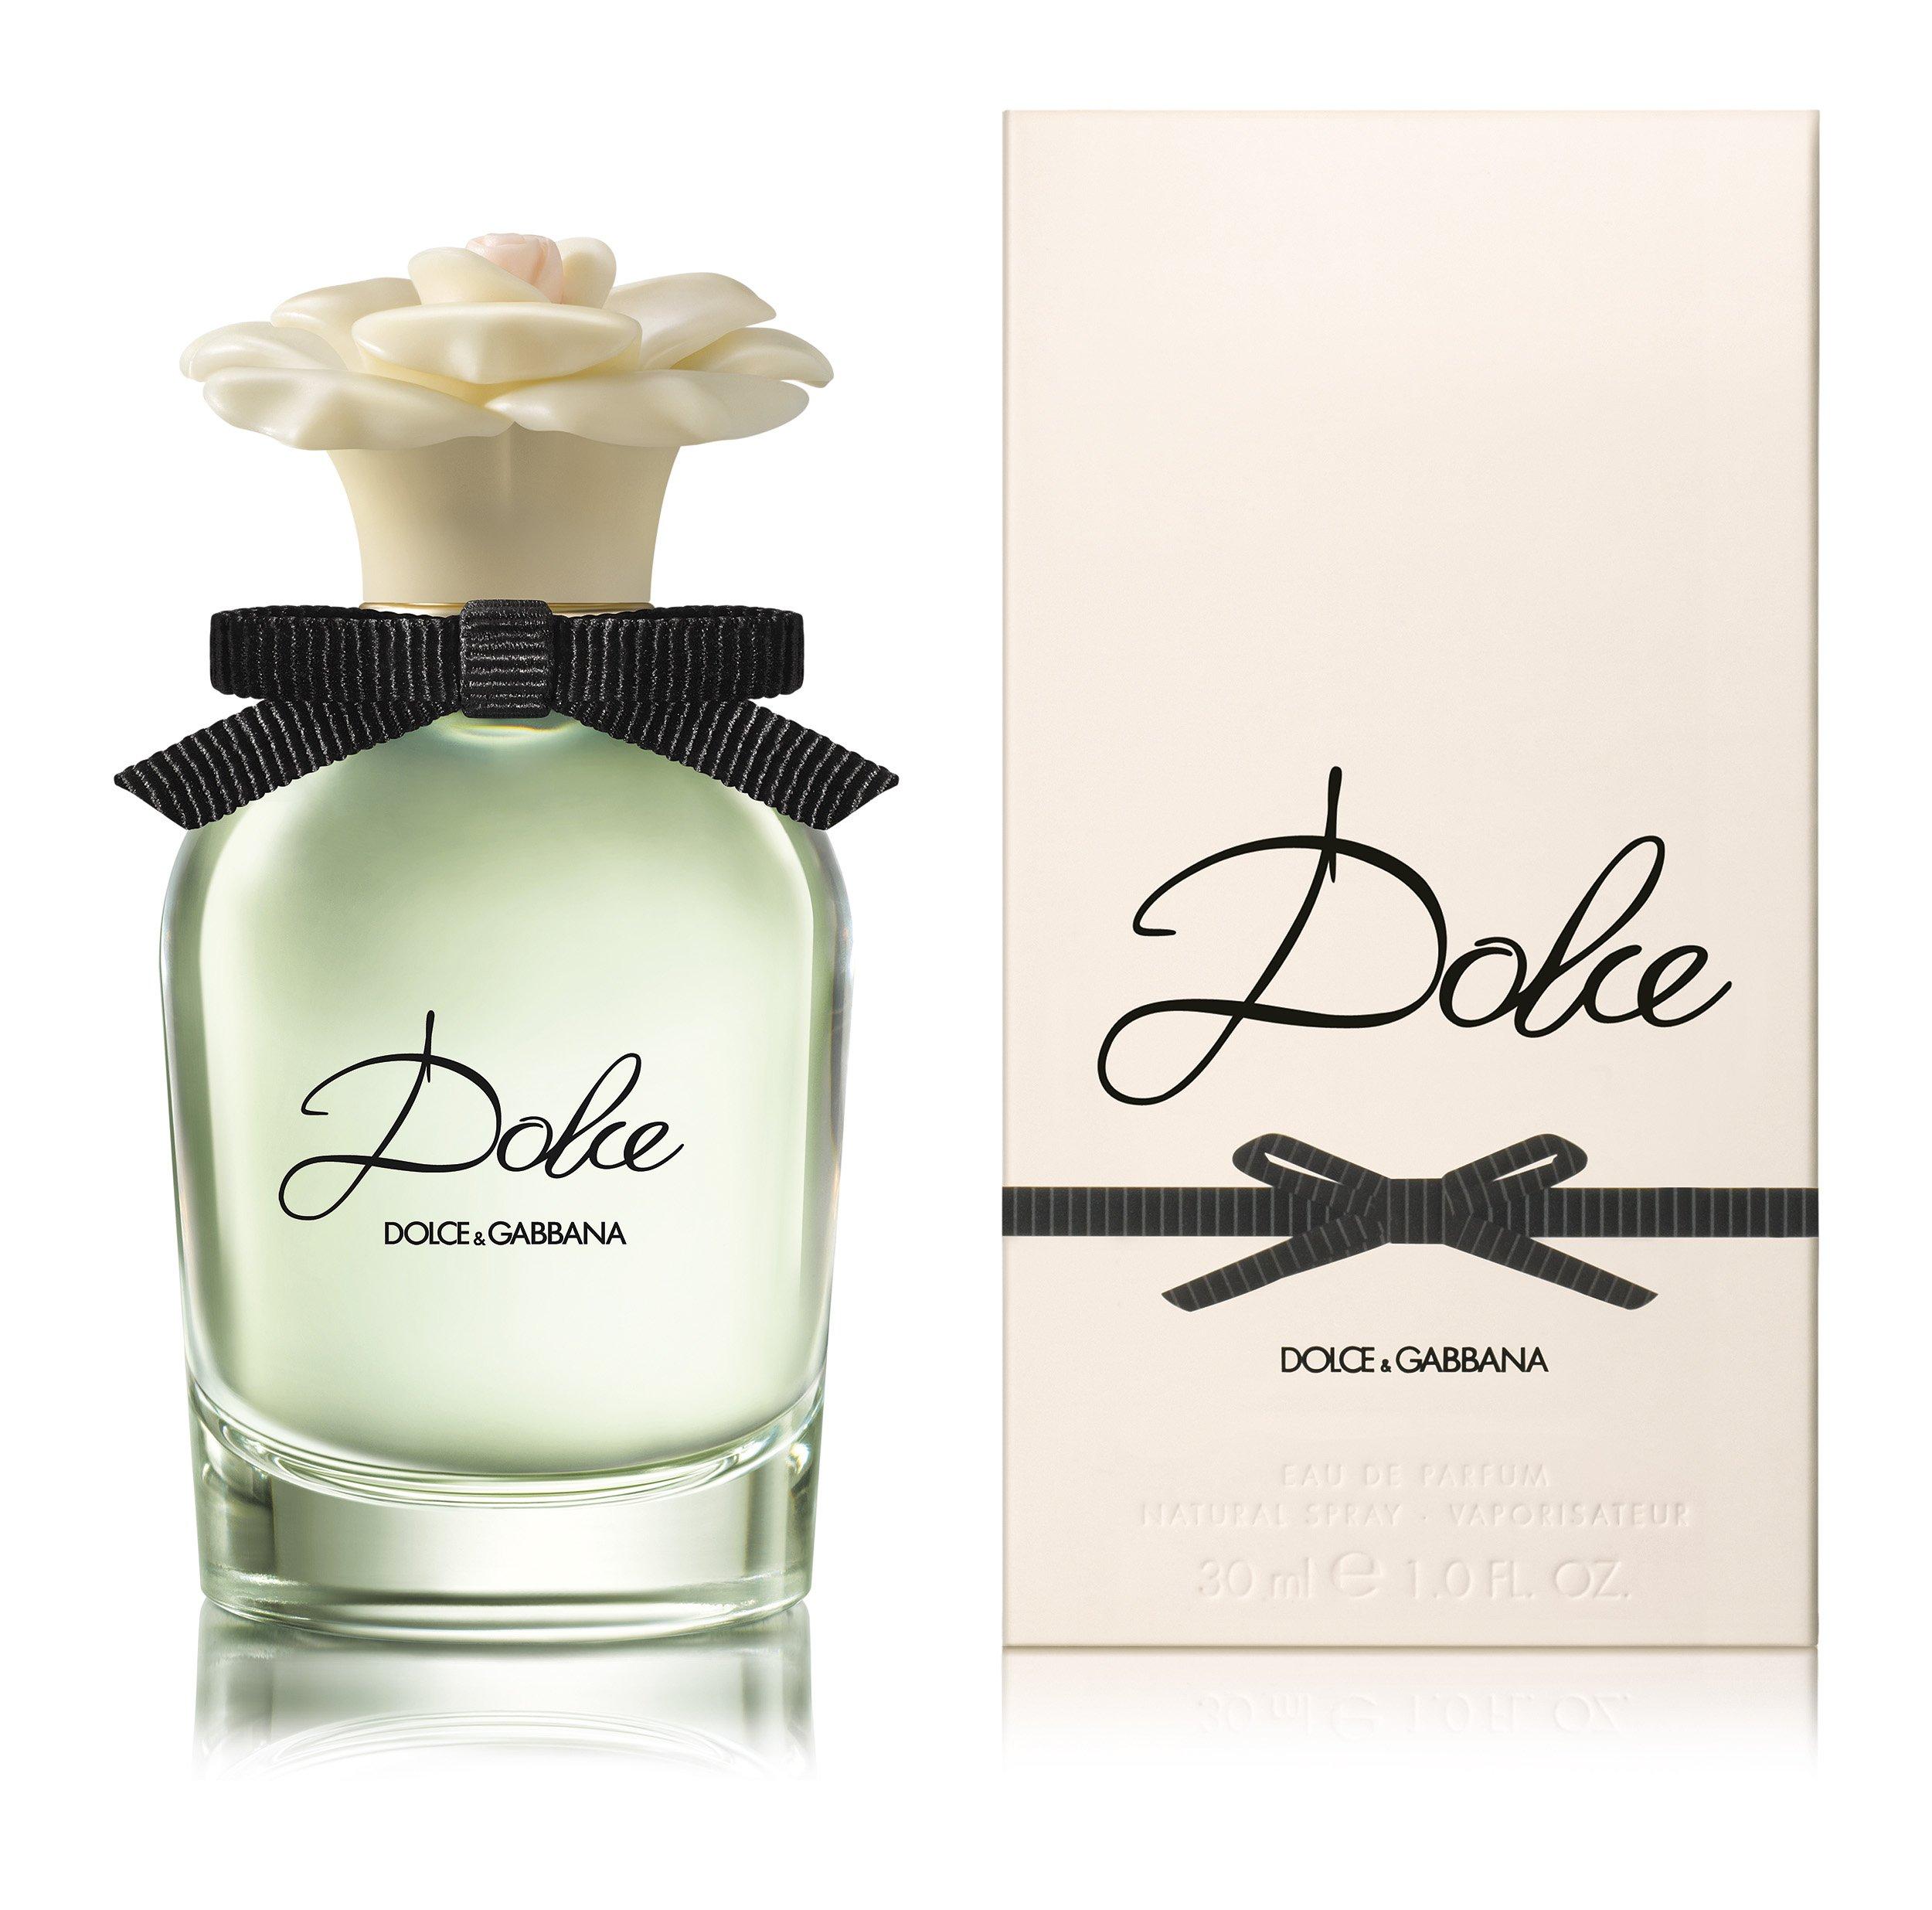 Dolce & Gabbana Eau de Parfum Spray for Women, 1 Fluid Ounce